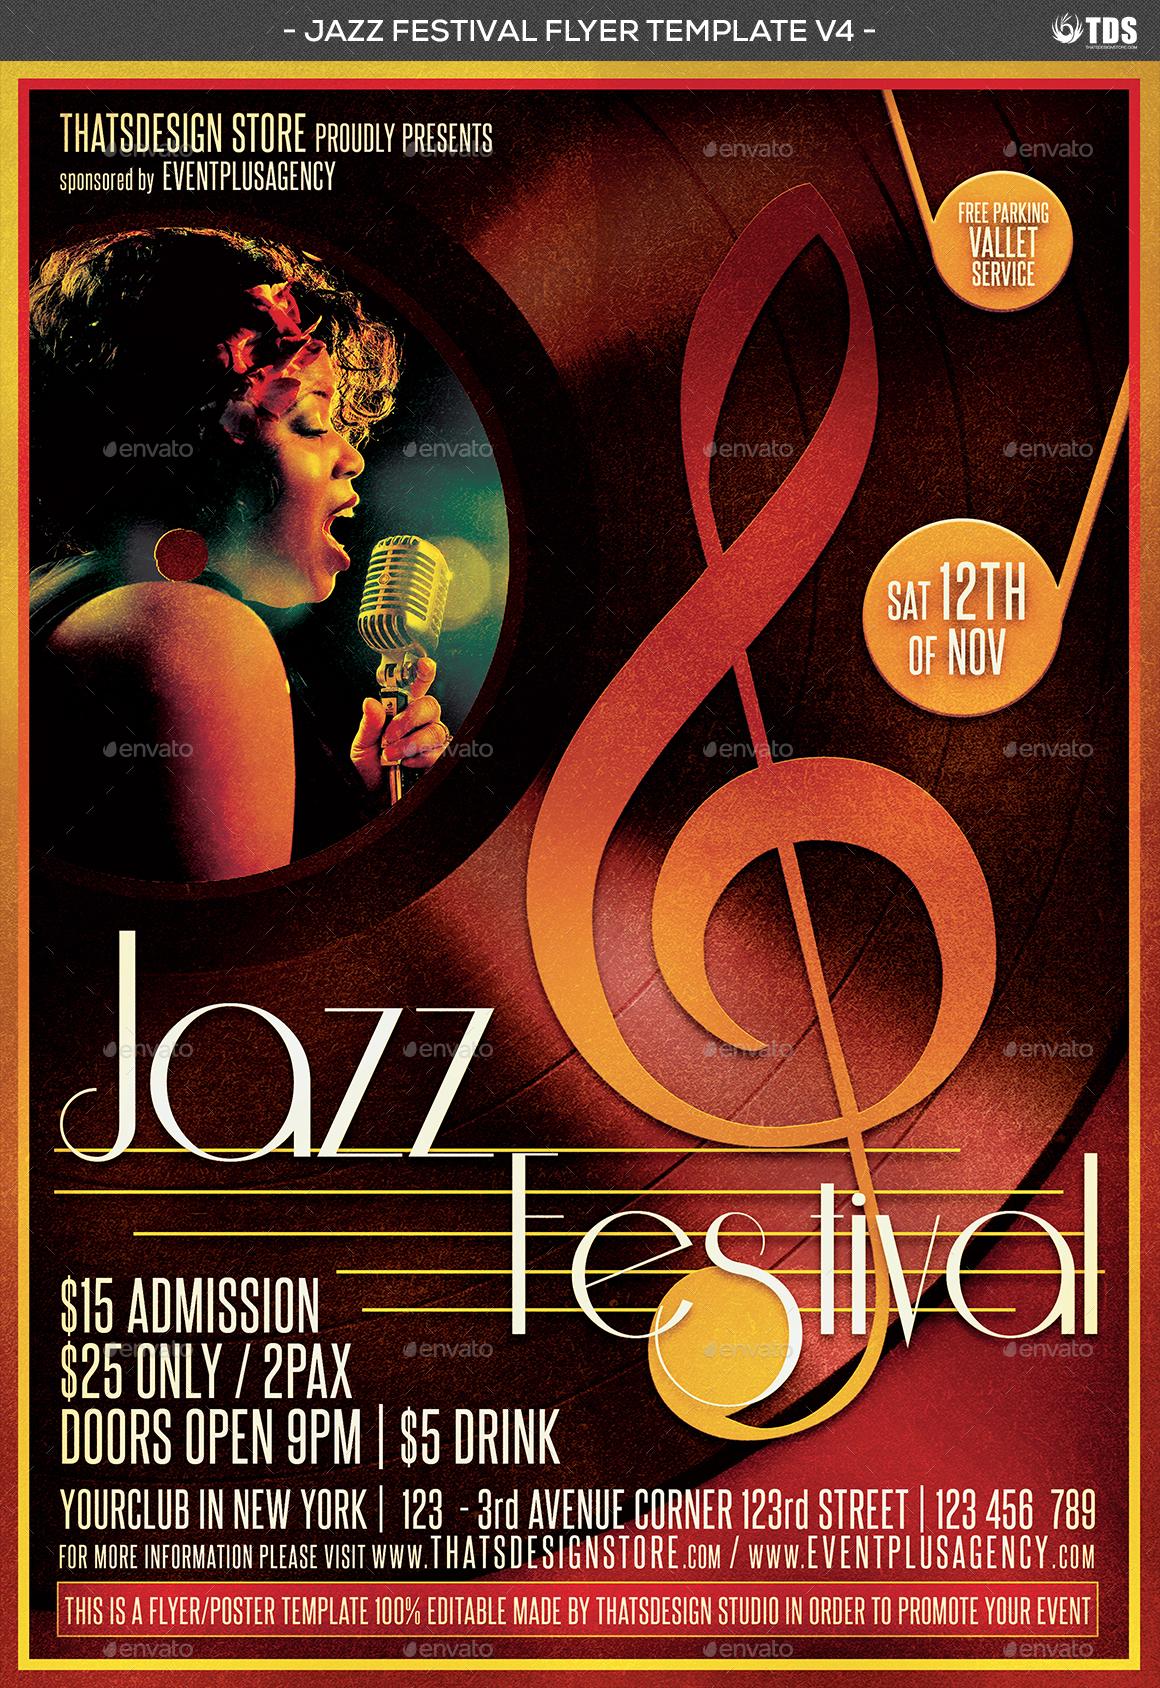 jazz festival flyer template v4 by lou606 graphicriver. Black Bedroom Furniture Sets. Home Design Ideas